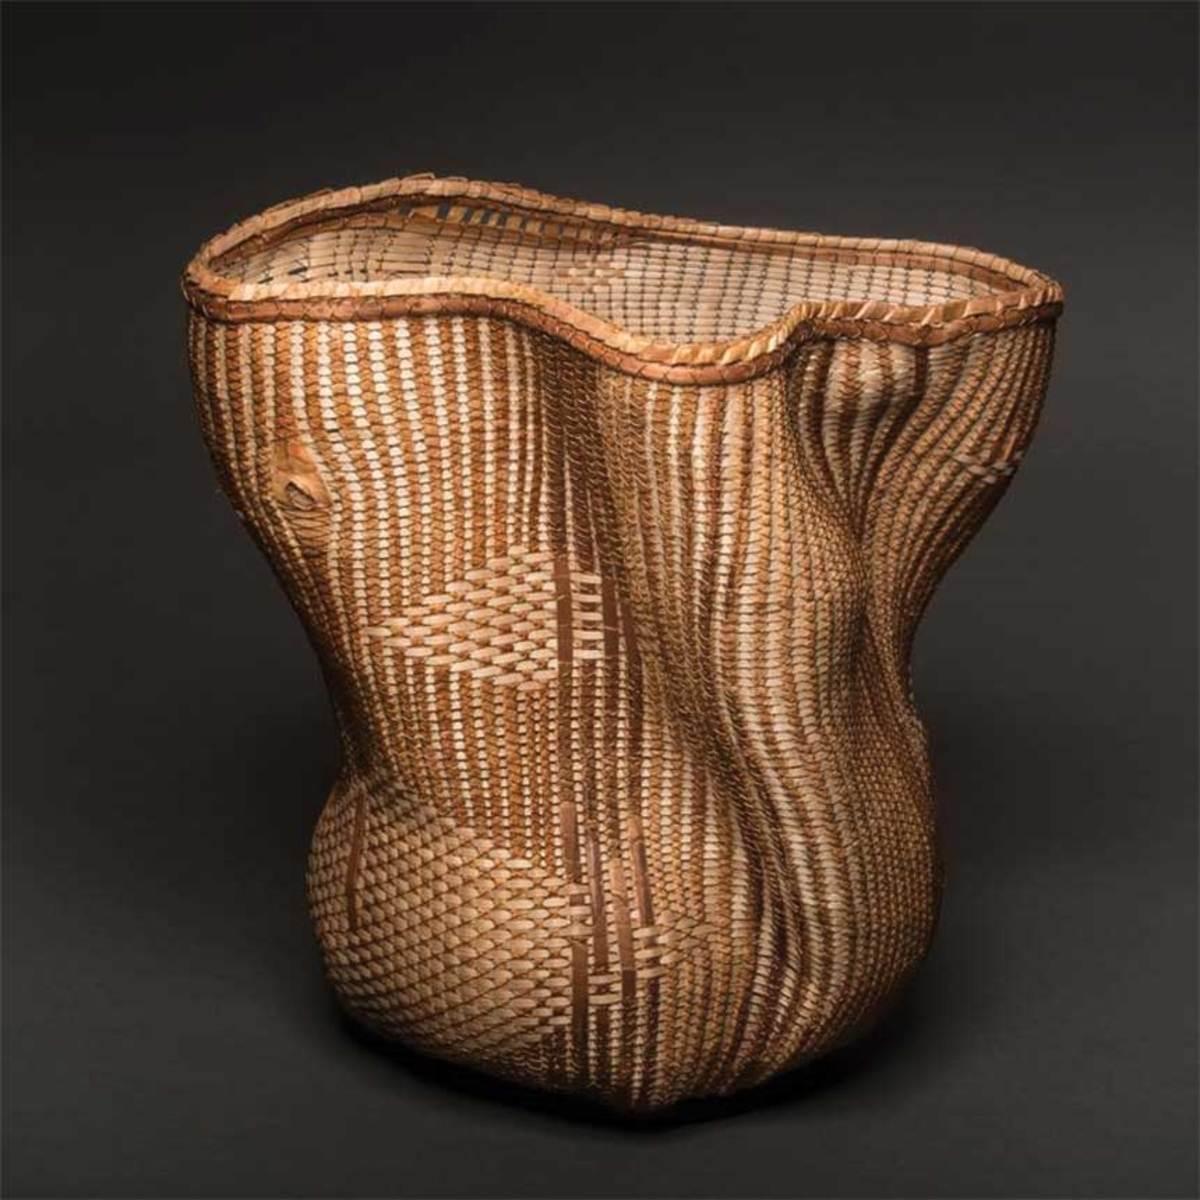 A sculptural basket (below) by Polly Adams Sutton.